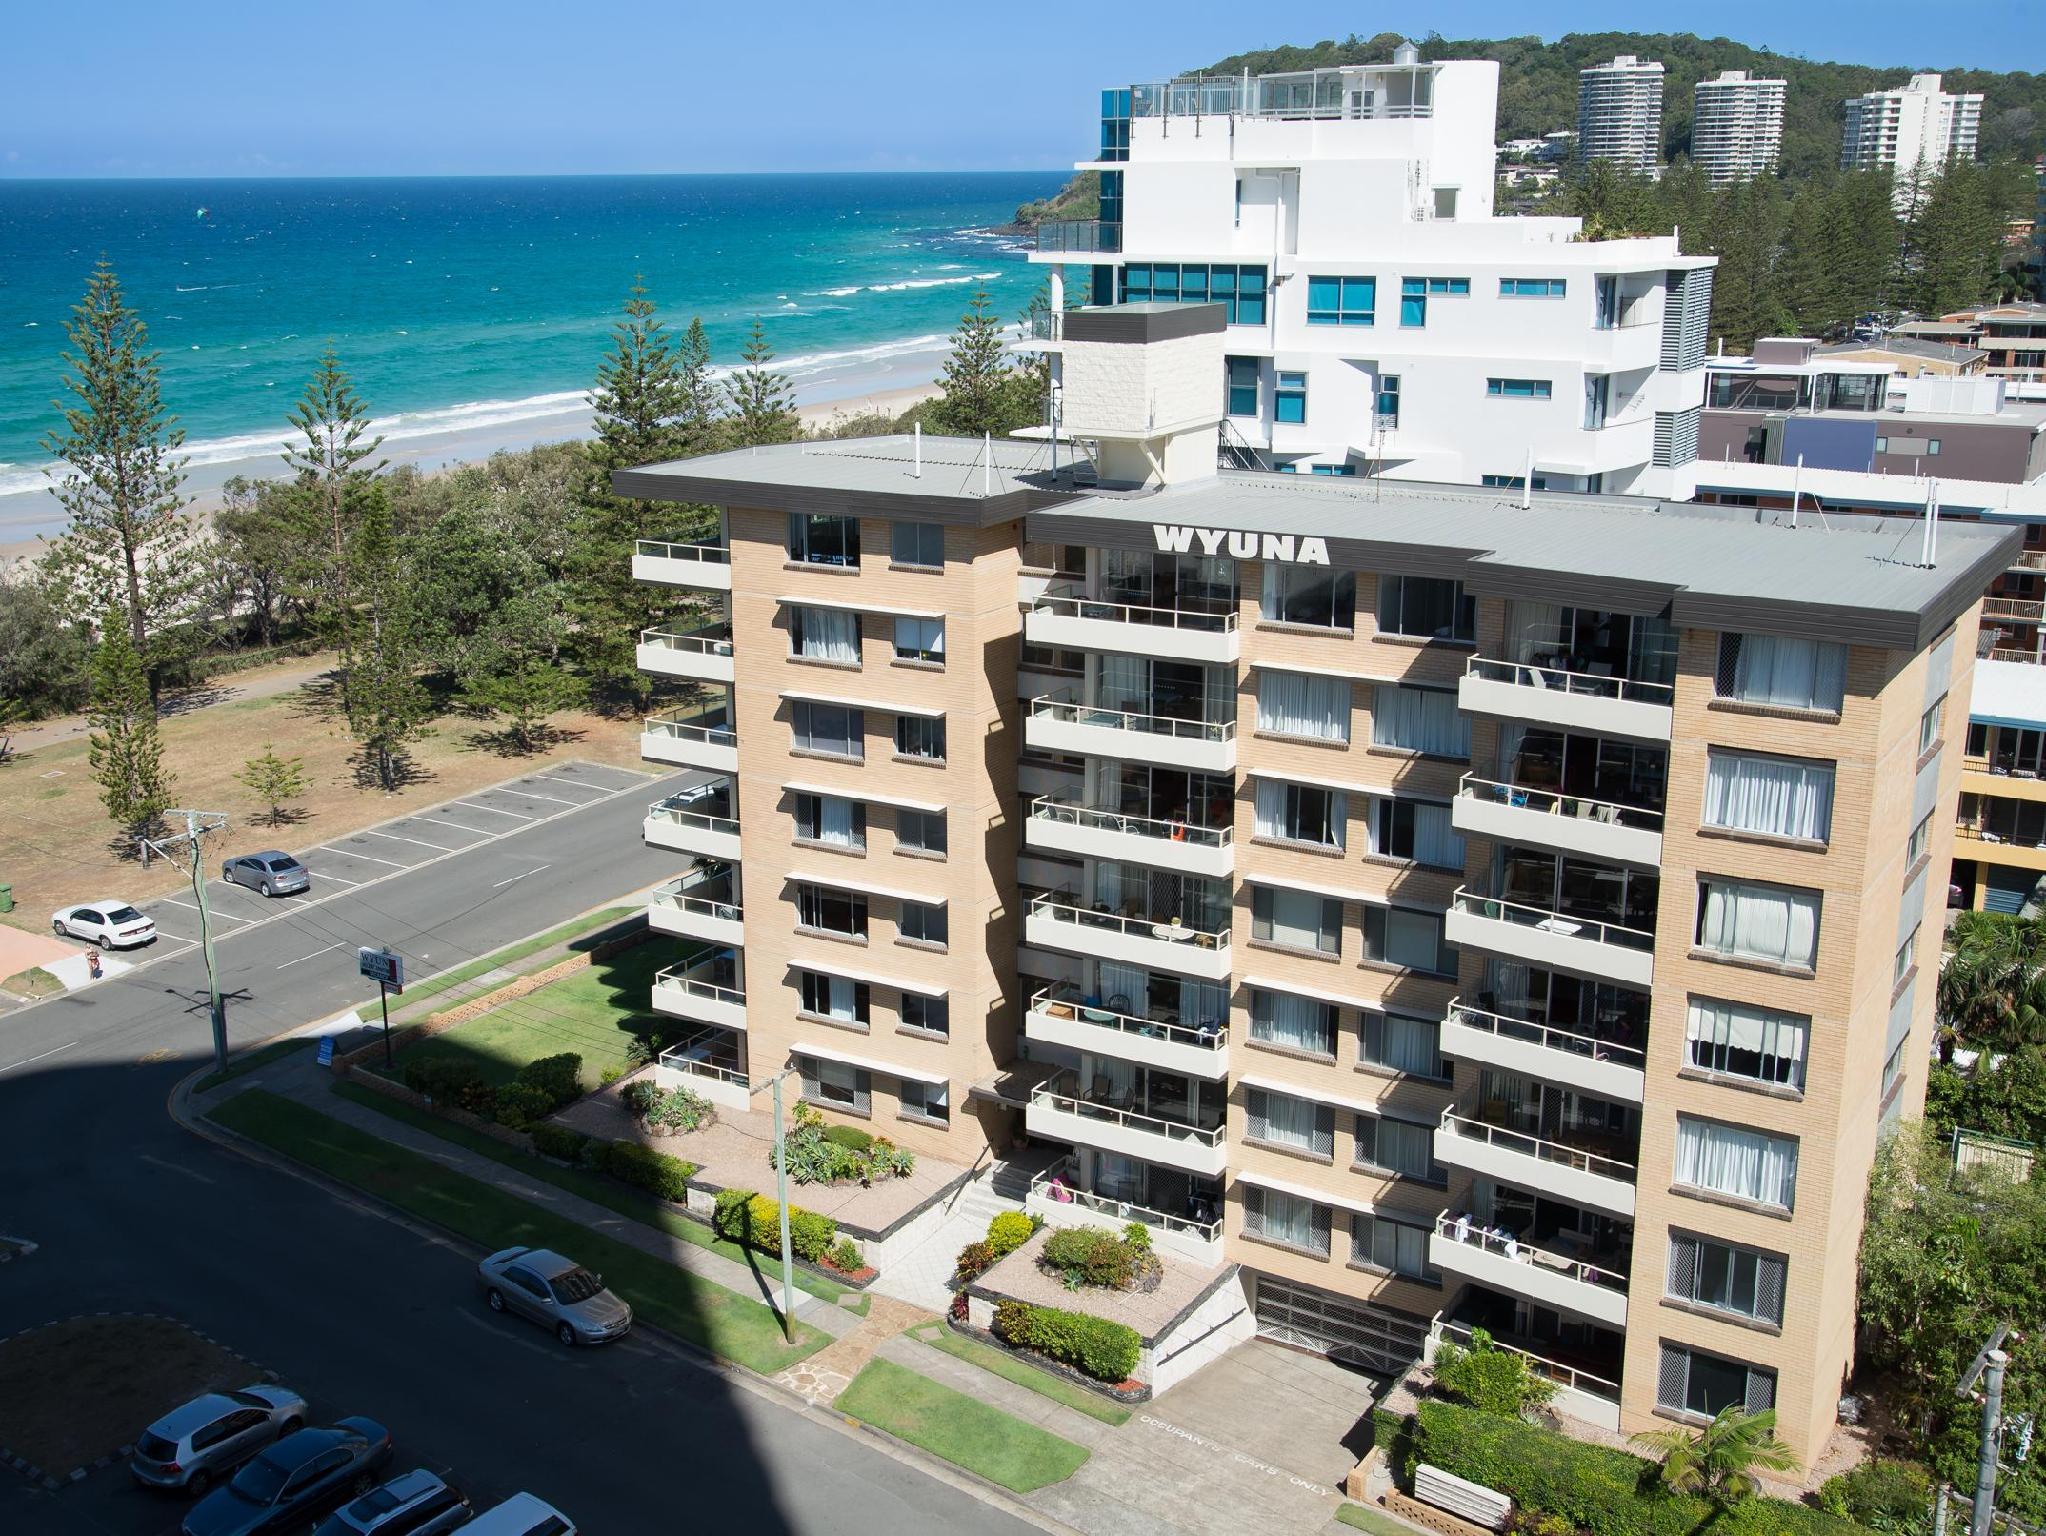 Hotell Wyuna Beachfront Apartments